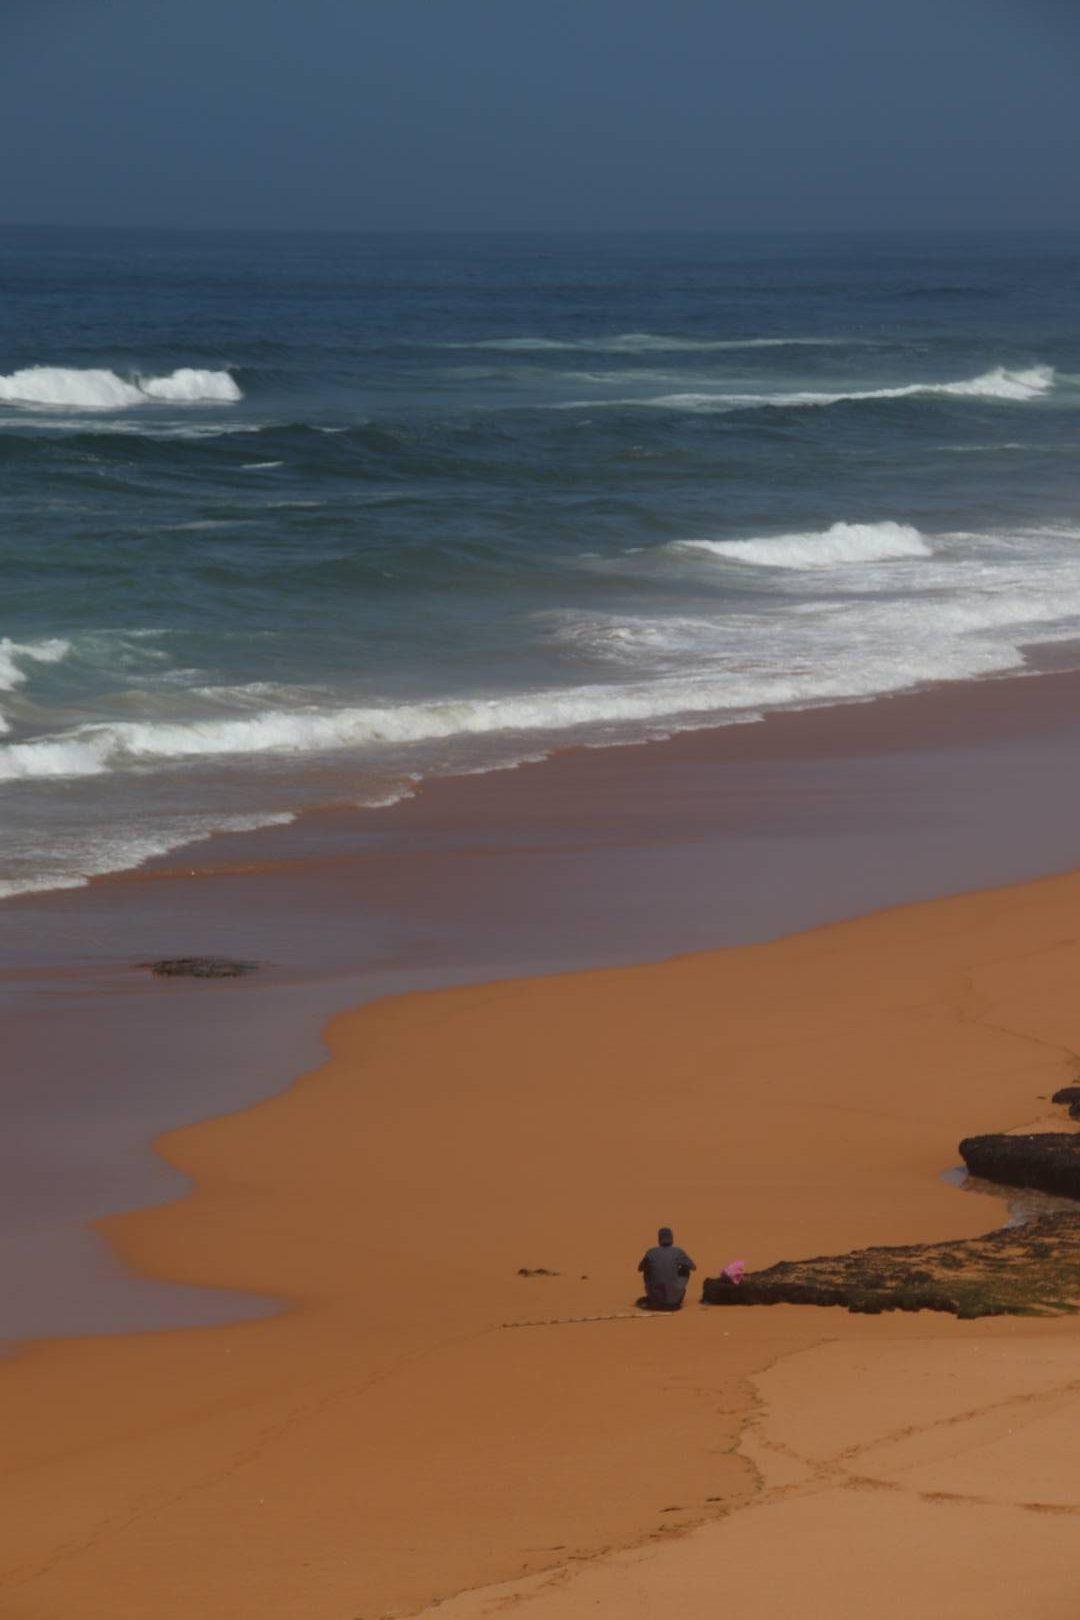 Maroc - Pêcheur sur une plage sauvage à Oualidia